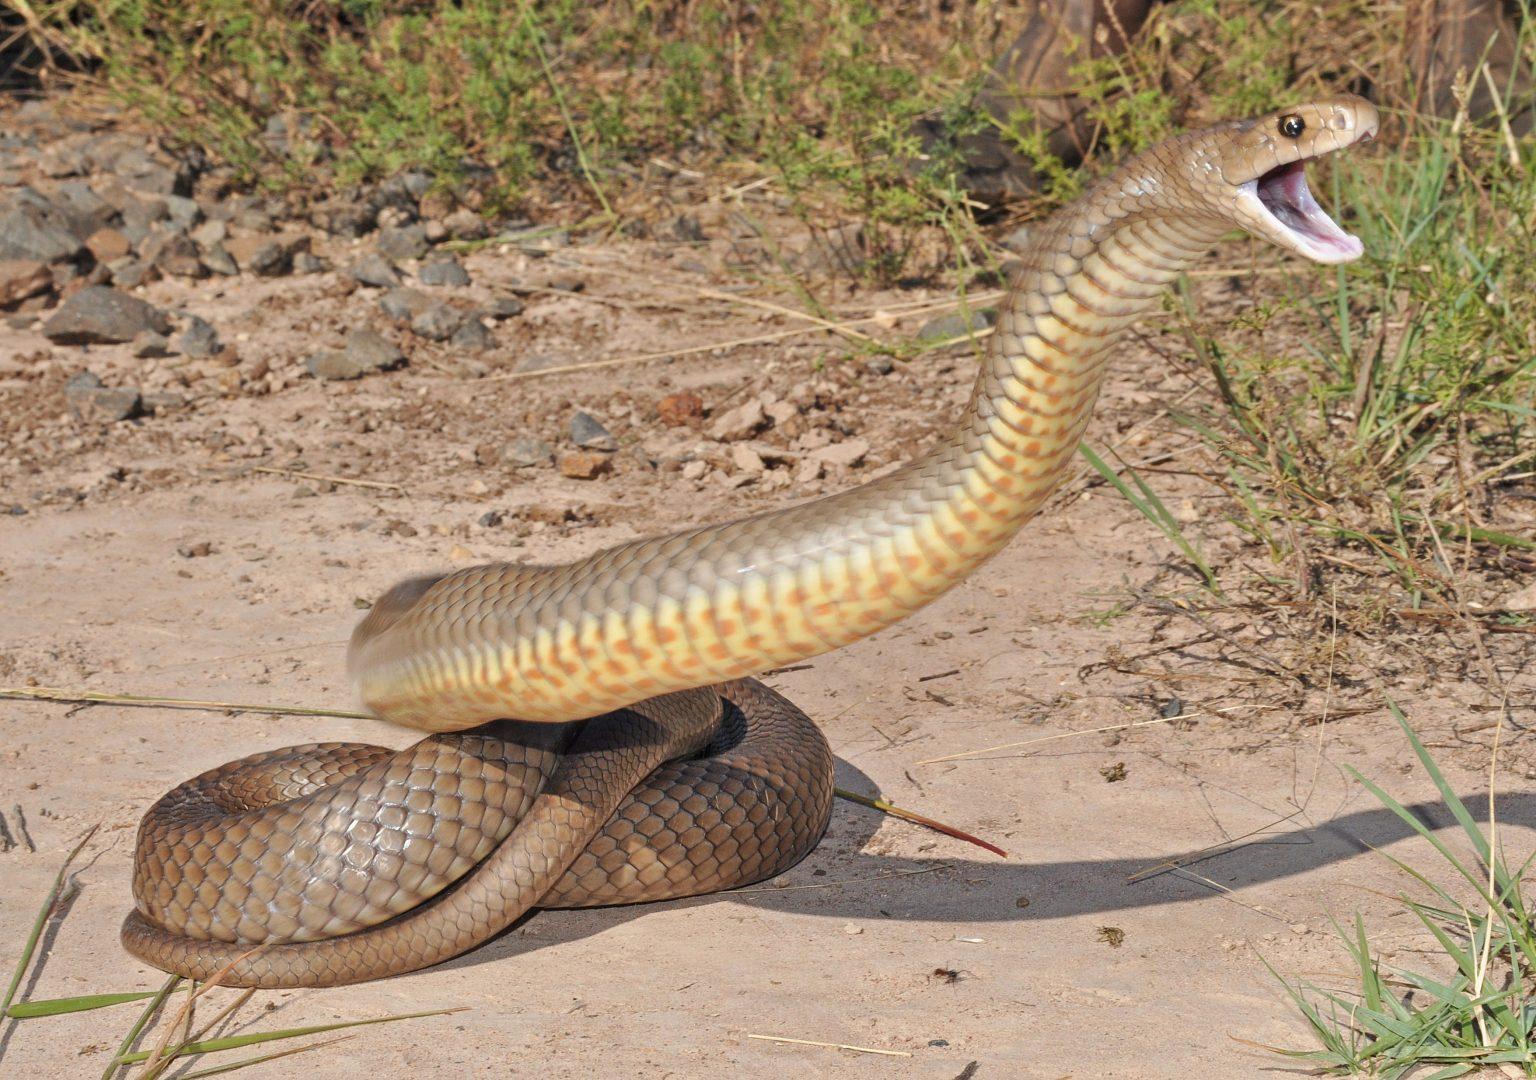 Riesgo de sufrir mordeduras de serpientes aumenta con la temporada de lluvias